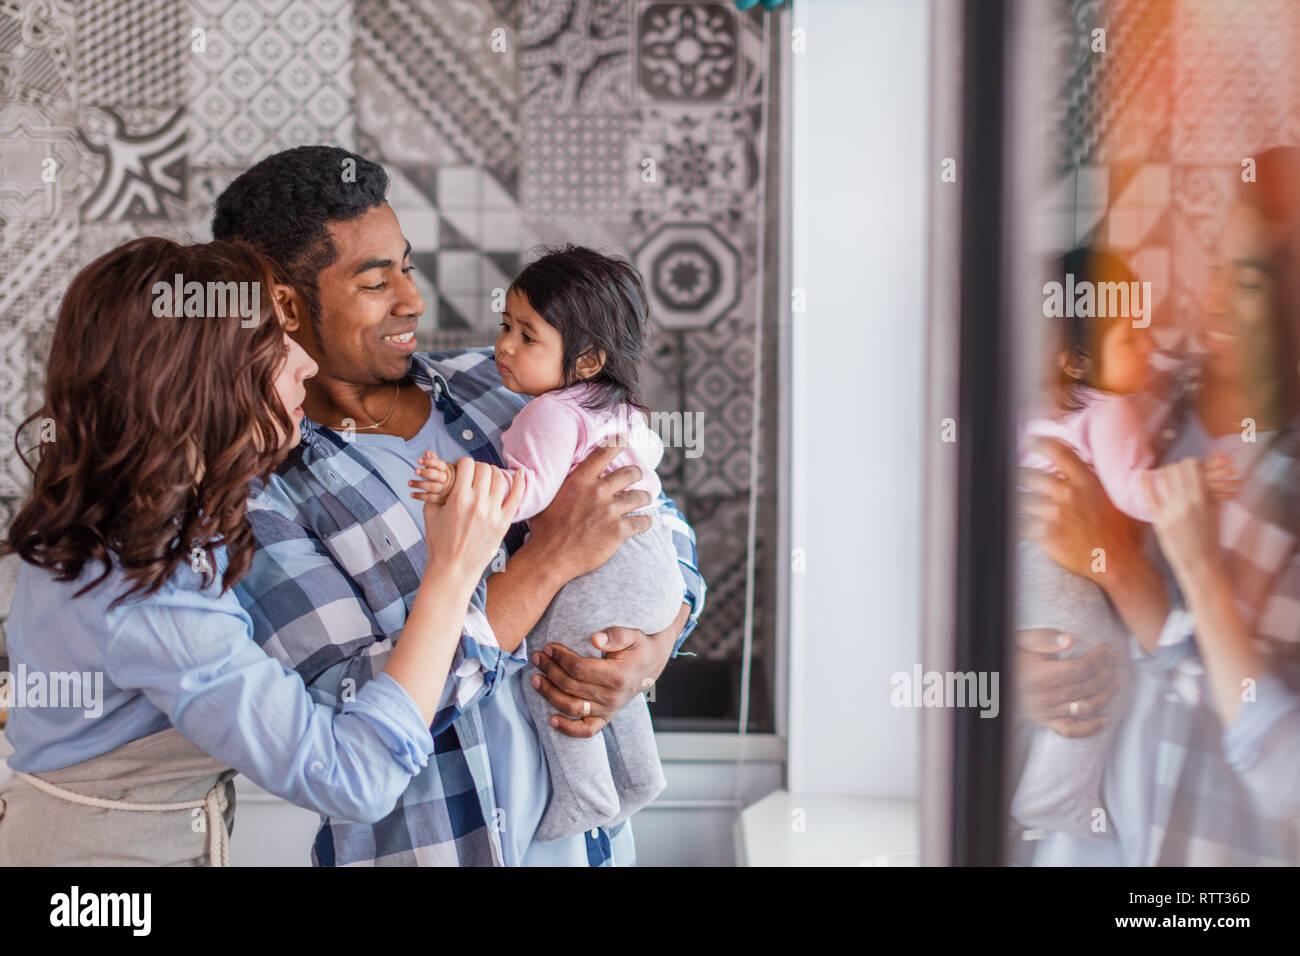 Giovane coppia positiva a giocare con il loro bambino a casa, amore, famiglia amichevole concetto, spazio di copia Foto Stock